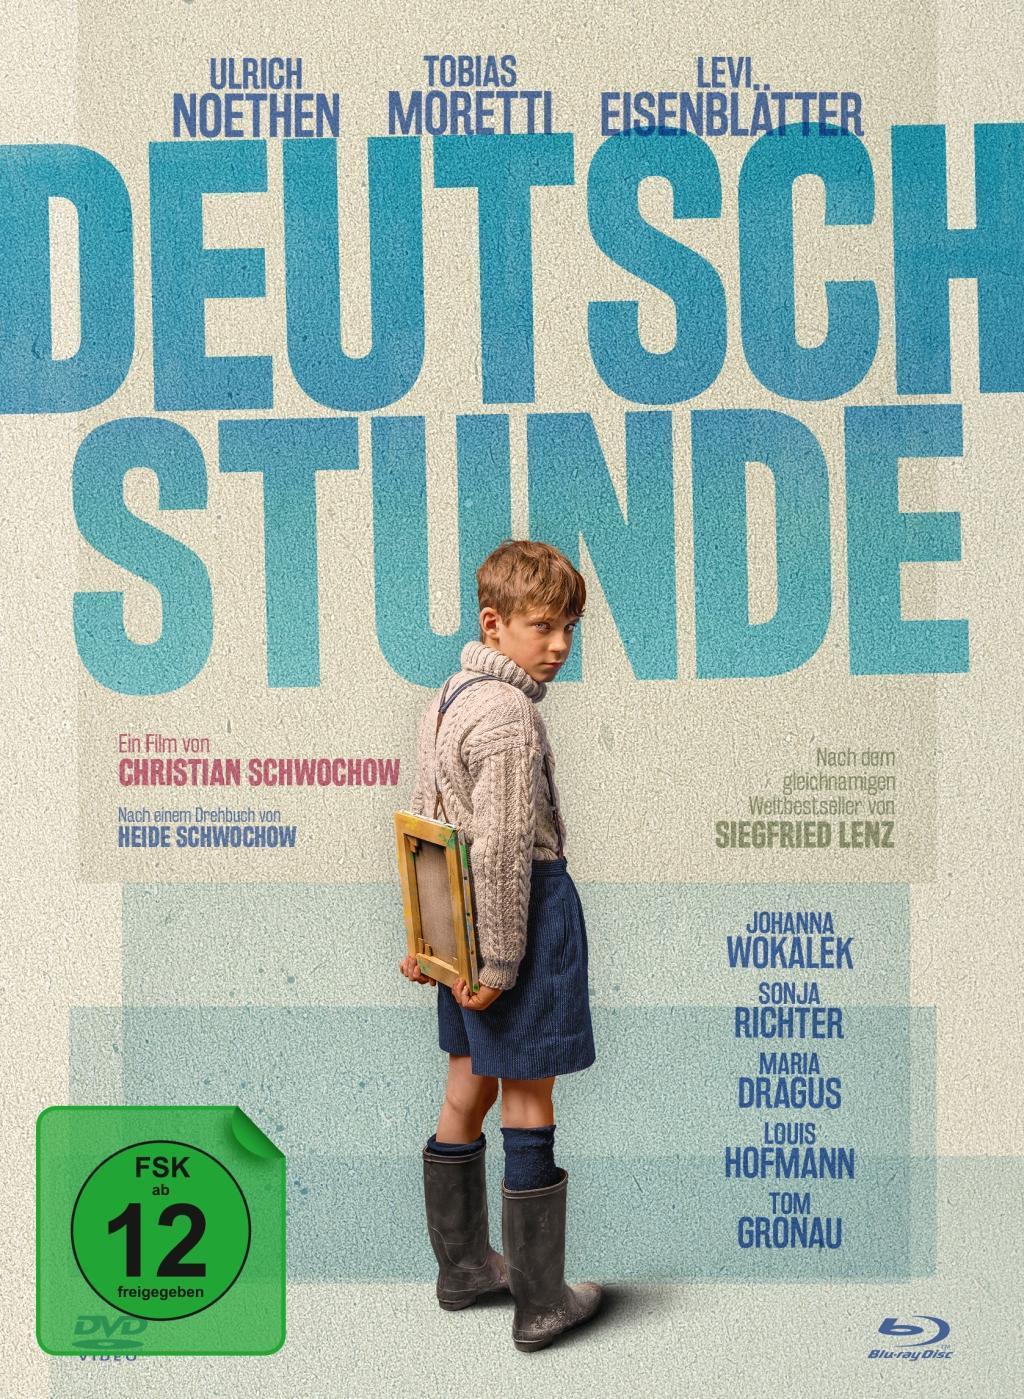 Deutschstunde - 2-Disc Mediabook (Blu-ray + DVD)  Christian Schwochow  Blu-ray Disc  2 Blu-ray Discs  Deutsch  2020